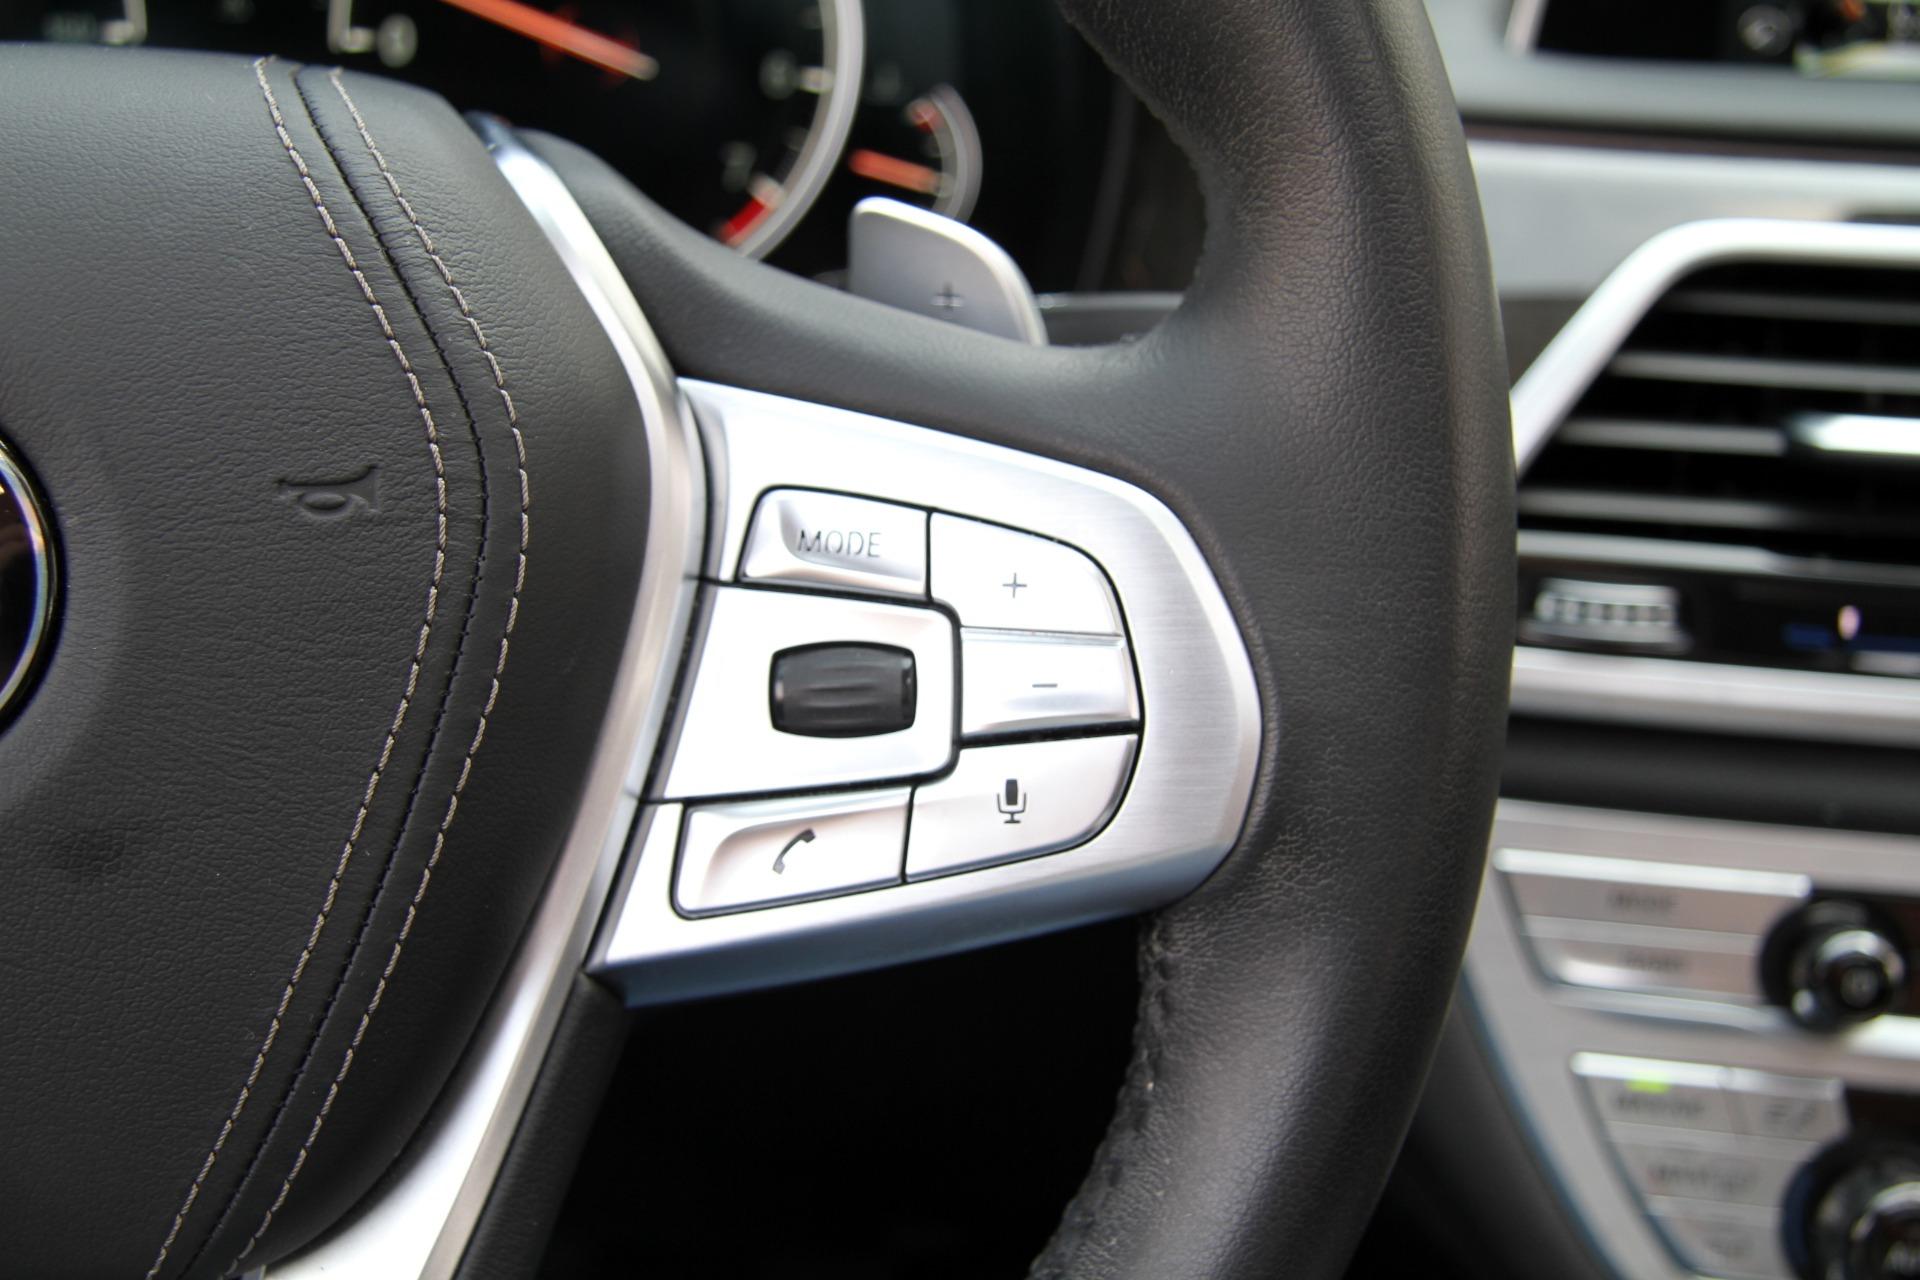 Bmw Dealership Near Me >> 2016 BMW 7 Series 740i Stock # 6074 for sale near Redondo ...